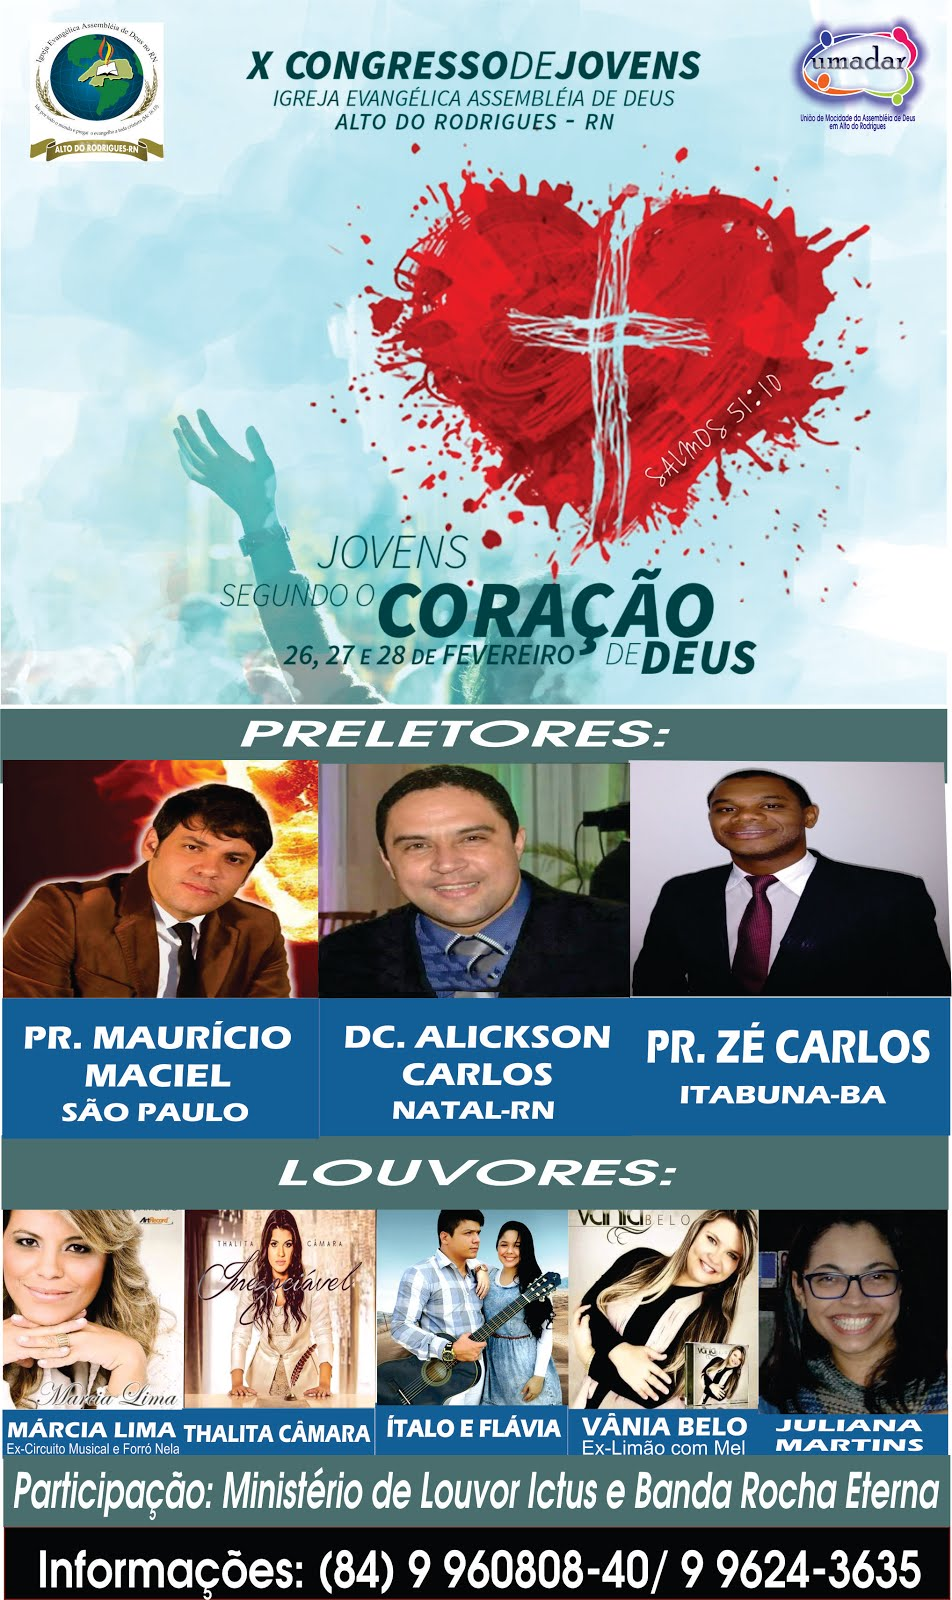 De 26 á 28 de Fevereiro em Alto do Rodrigues